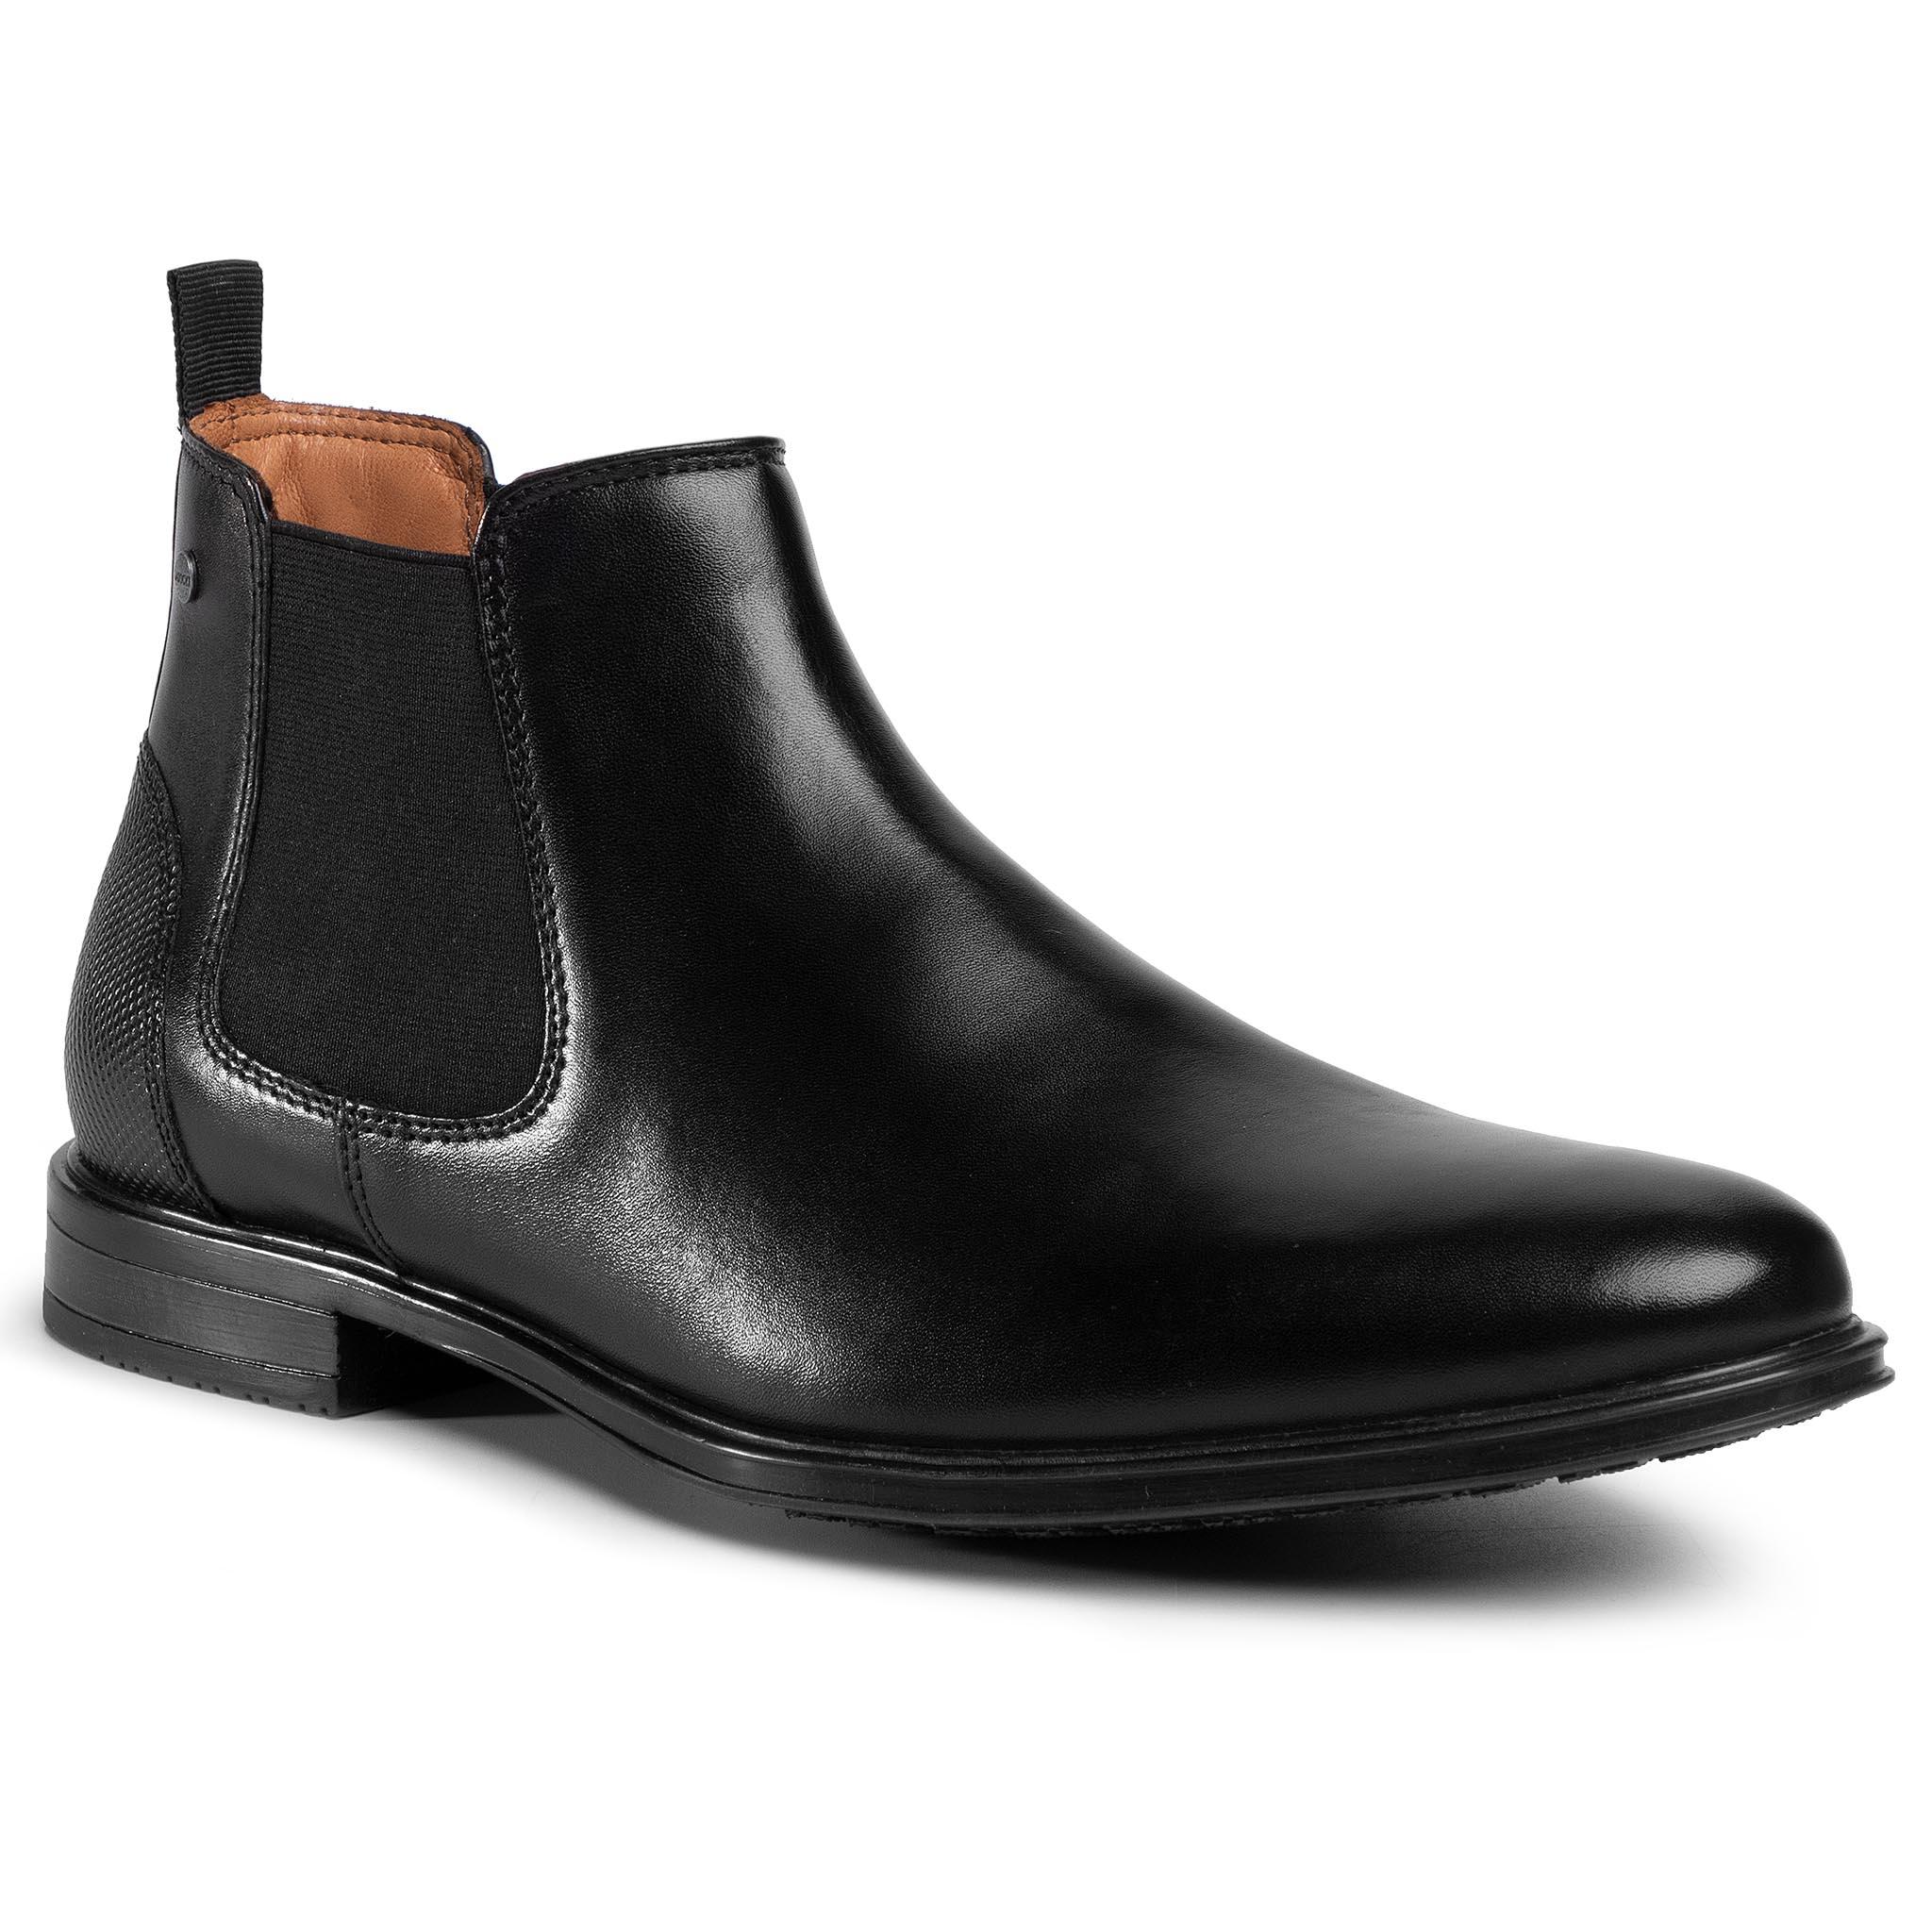 Kotníková obuv s elastickým prvkom LASOCKI FOR MEN - MB-DYLAN-01 Black